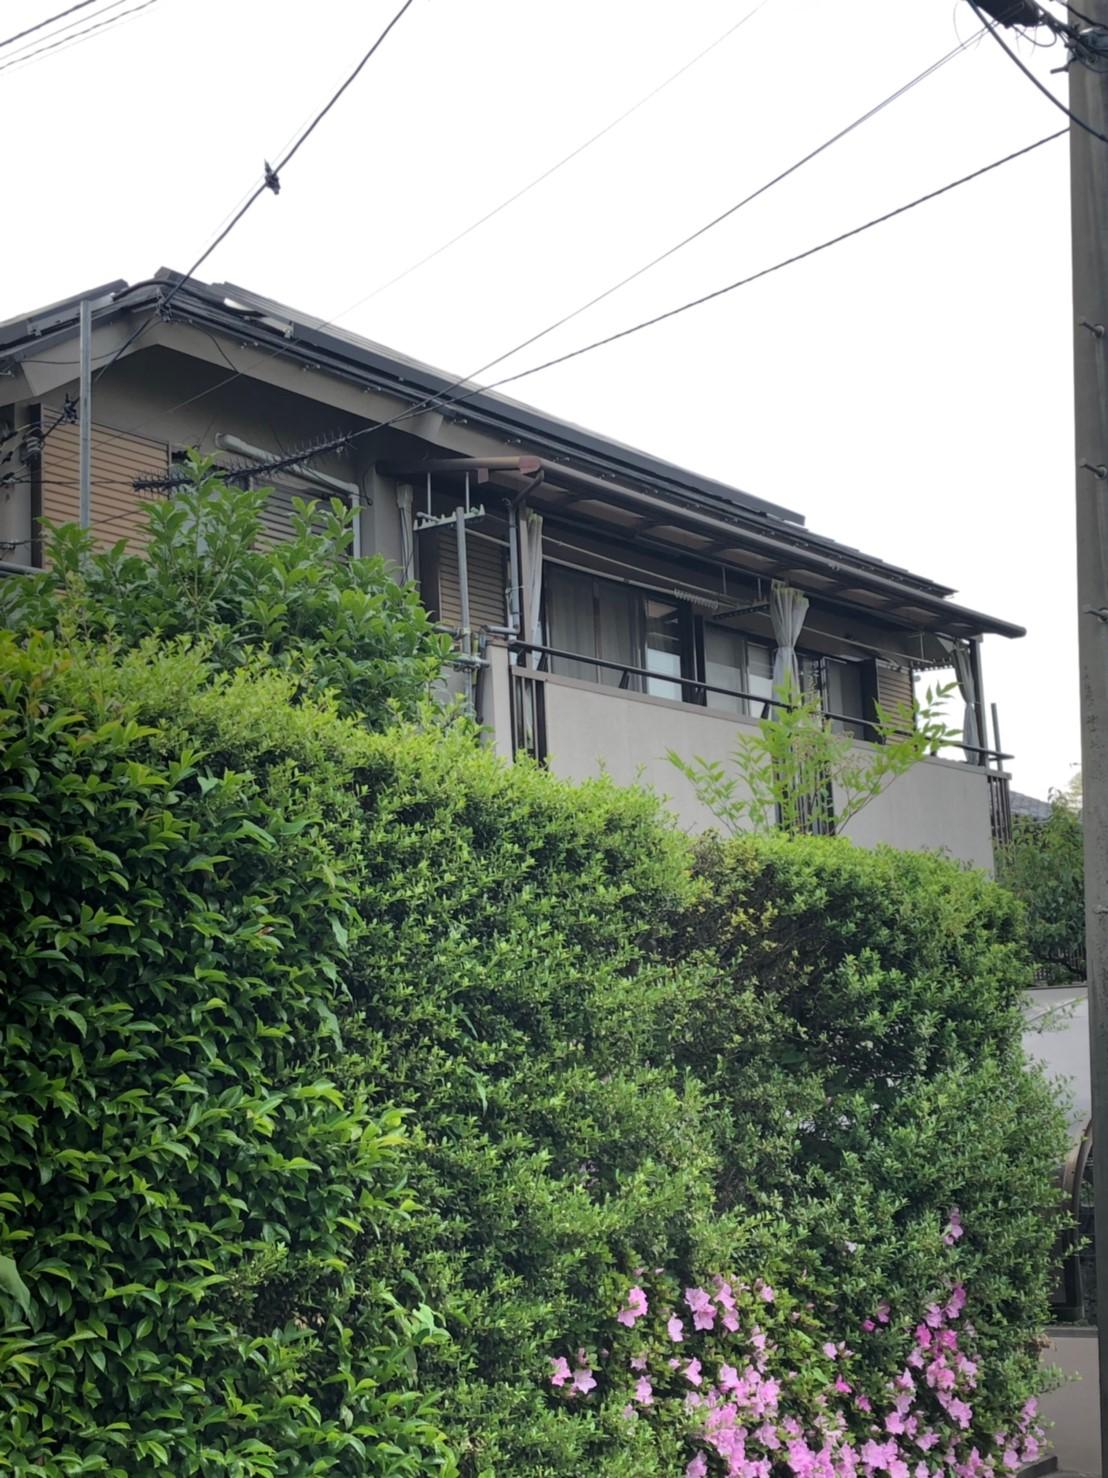 東京都町田市で雨樋を実費負担無料修理のご報告5